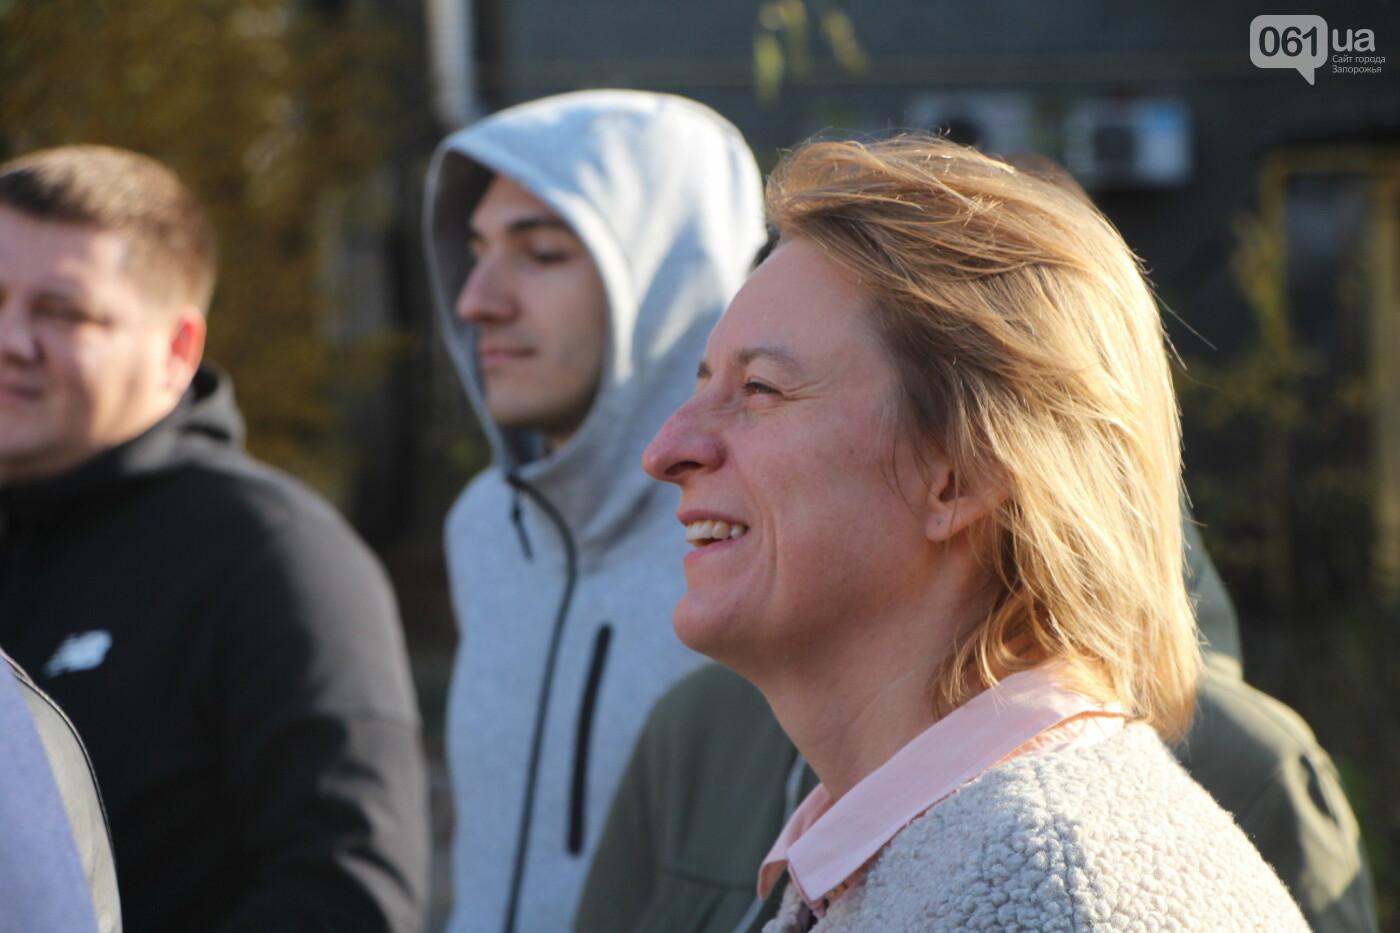 """""""Анисимов просто лох"""": на антикоррупционной экскурсии рассказали, кто приезжает в новый """"золотой офис"""", - ФОТОРЕПОРТАЖ, фото-41"""